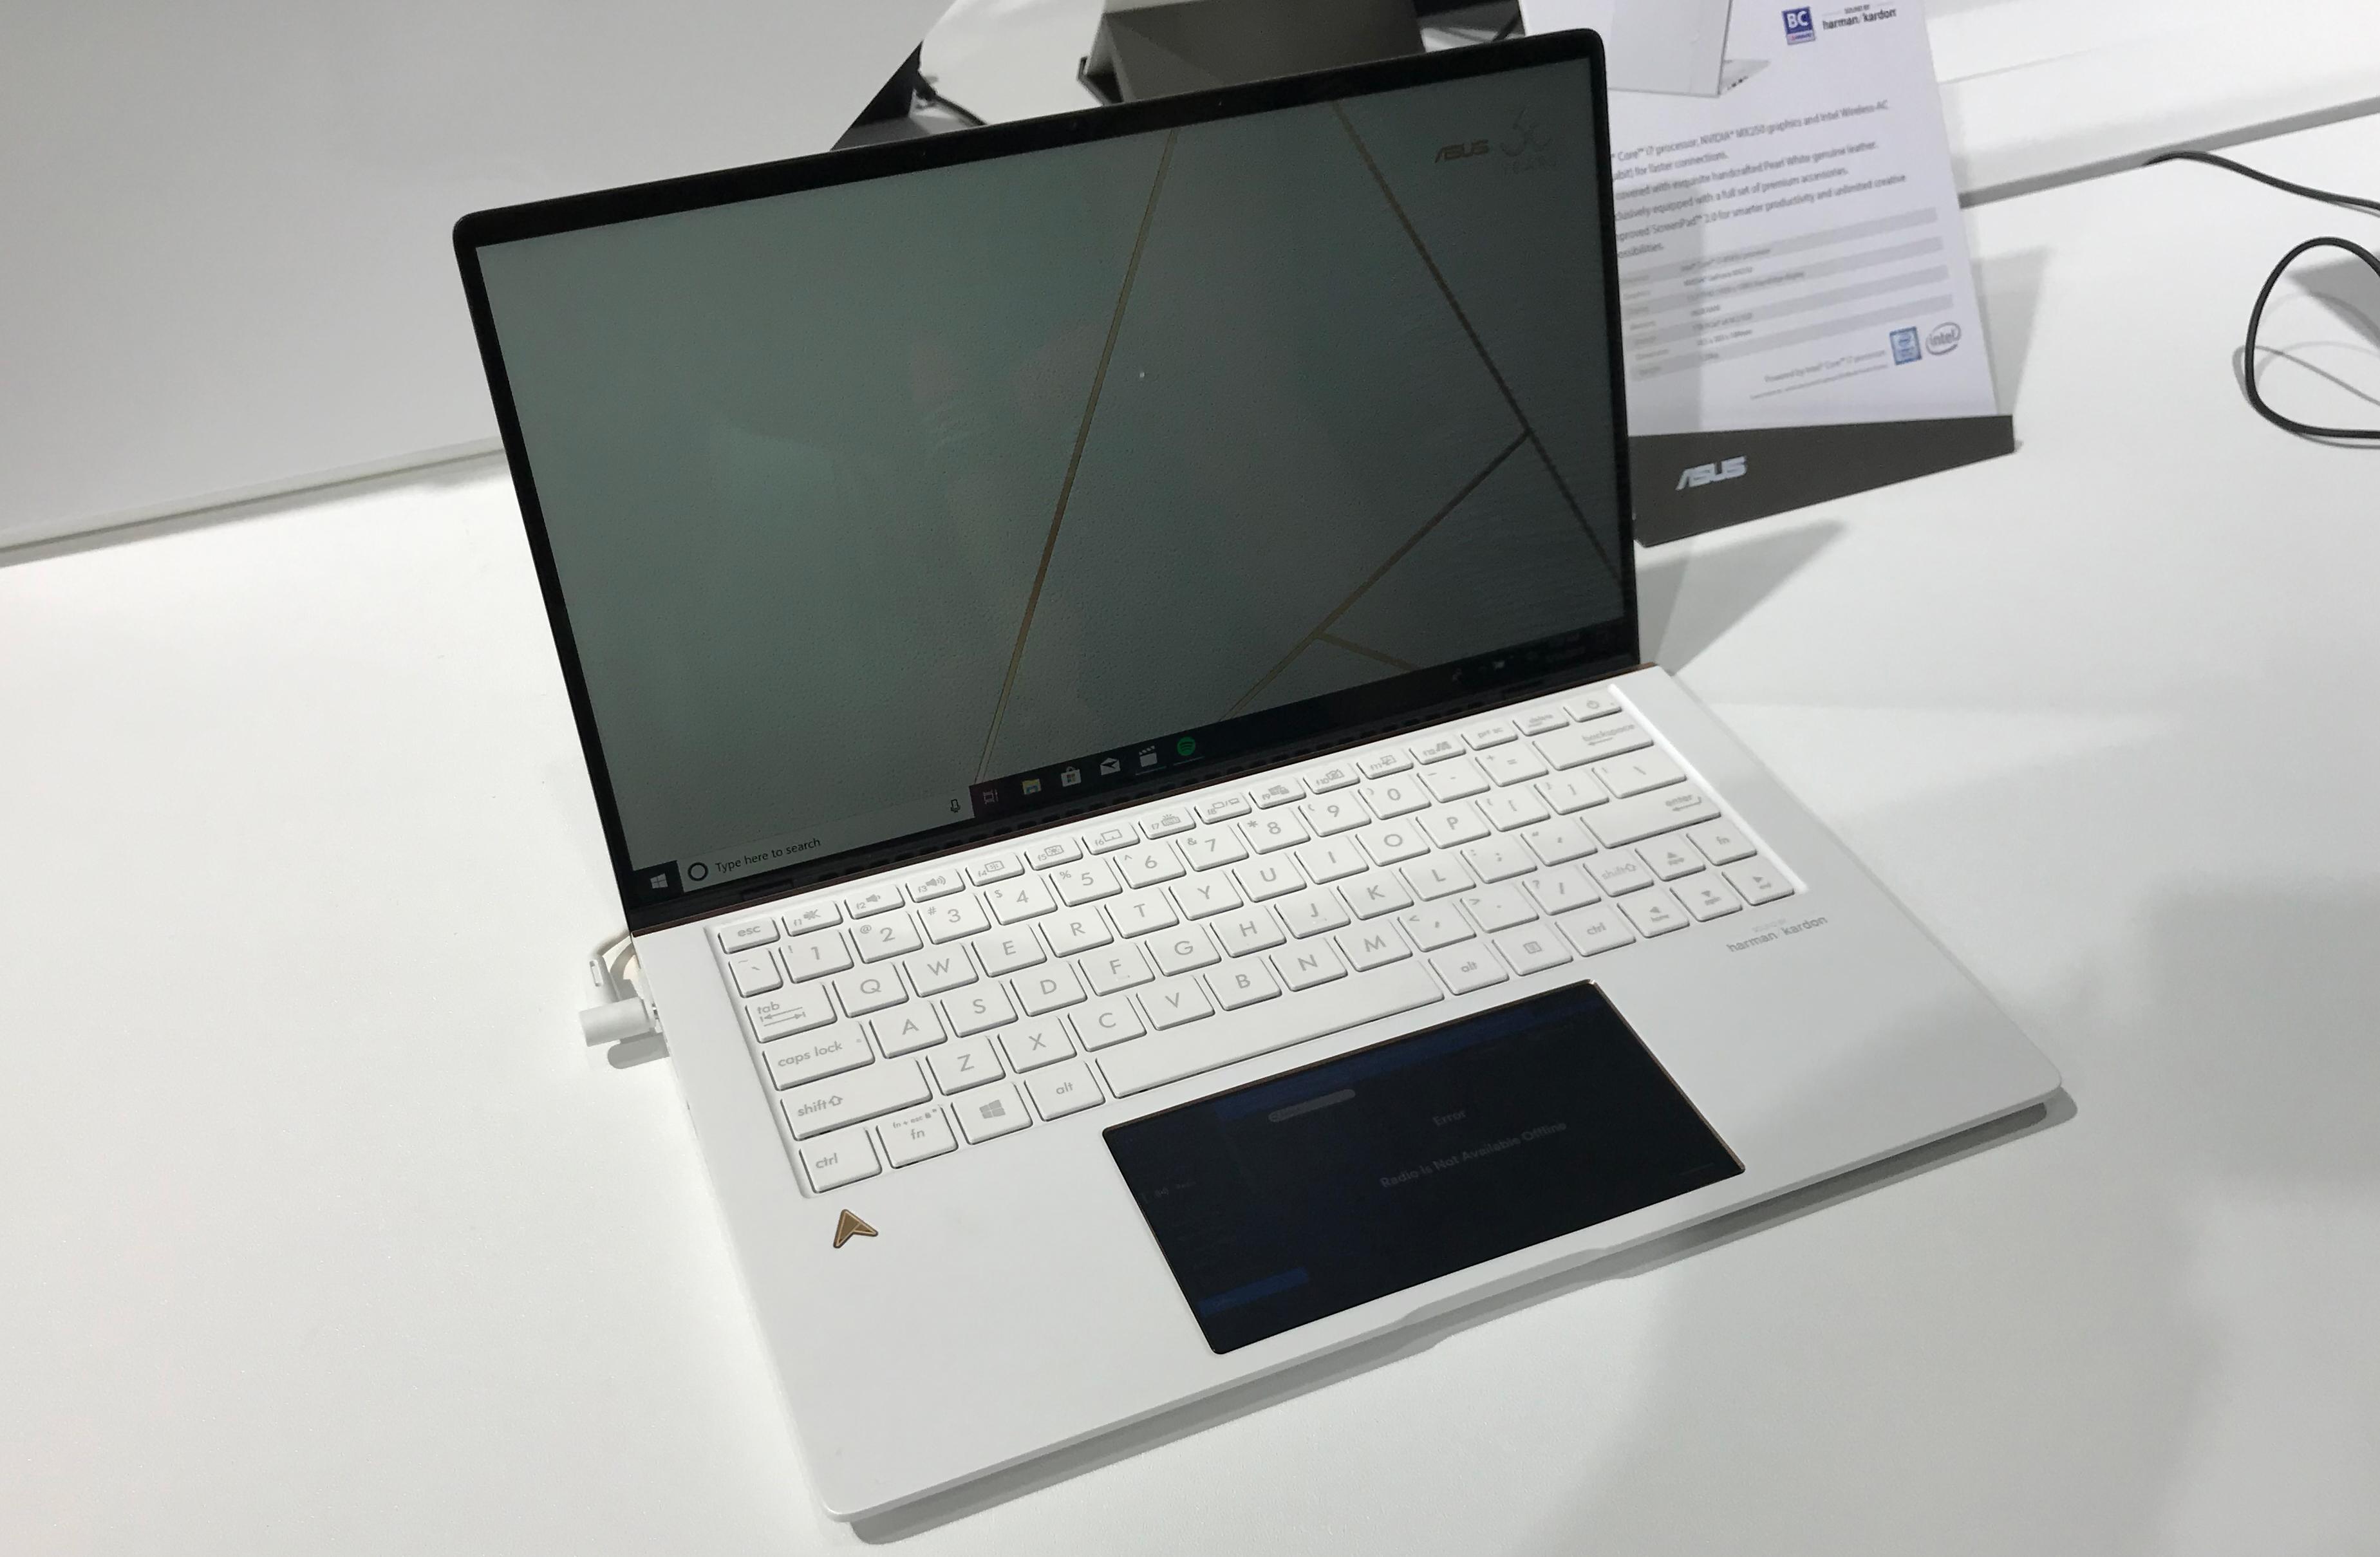 ASUS Unveils ZenBook Edition 30 Laptop: 13 3-Inch Dual